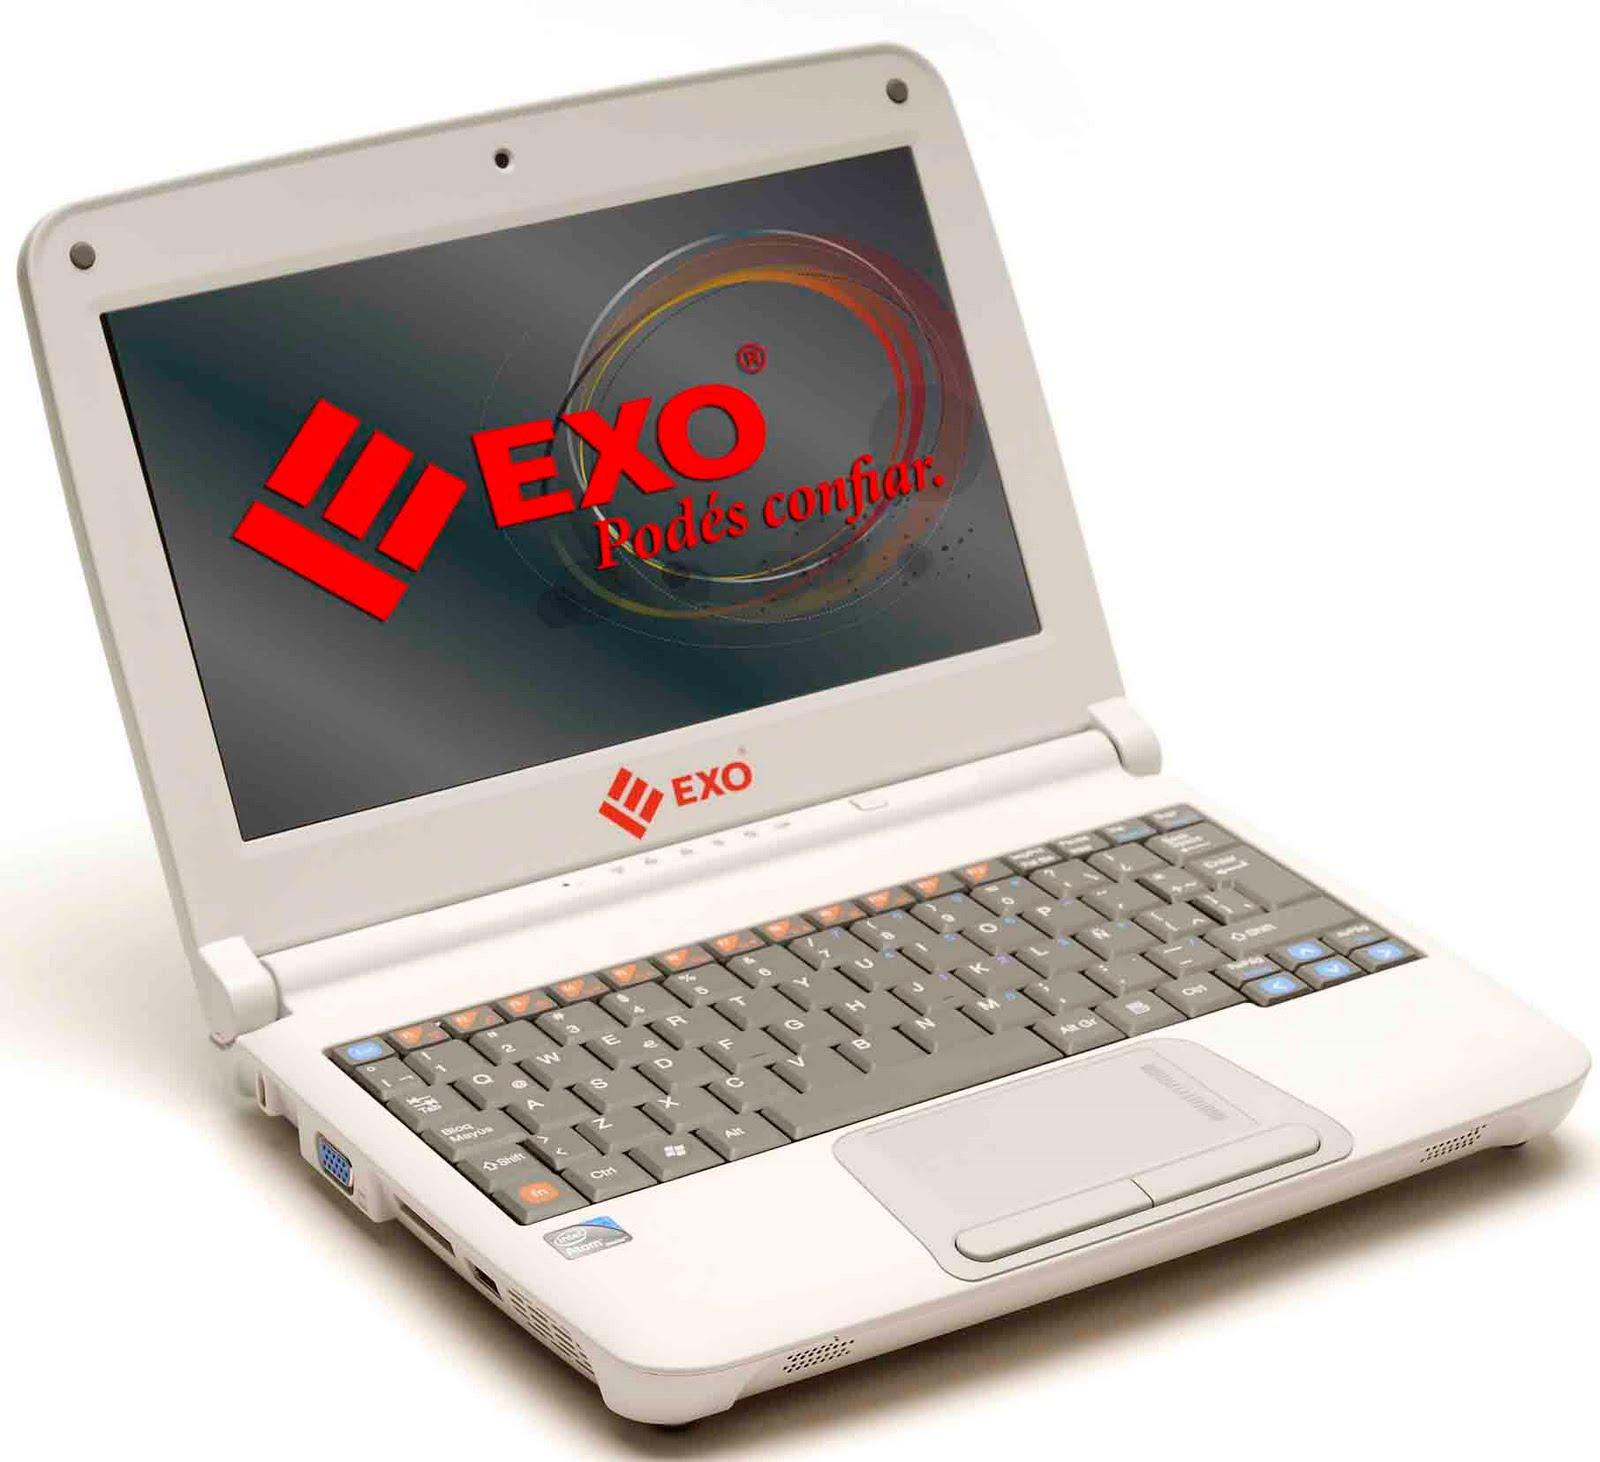 http://3.bp.blogspot.com/_9T0GcqbAe6I/S74rx8Jv3DI/AAAAAAAAUh0/JTIm1HFrORs/s1600/EXOMATE+tercera+generacion.jpg